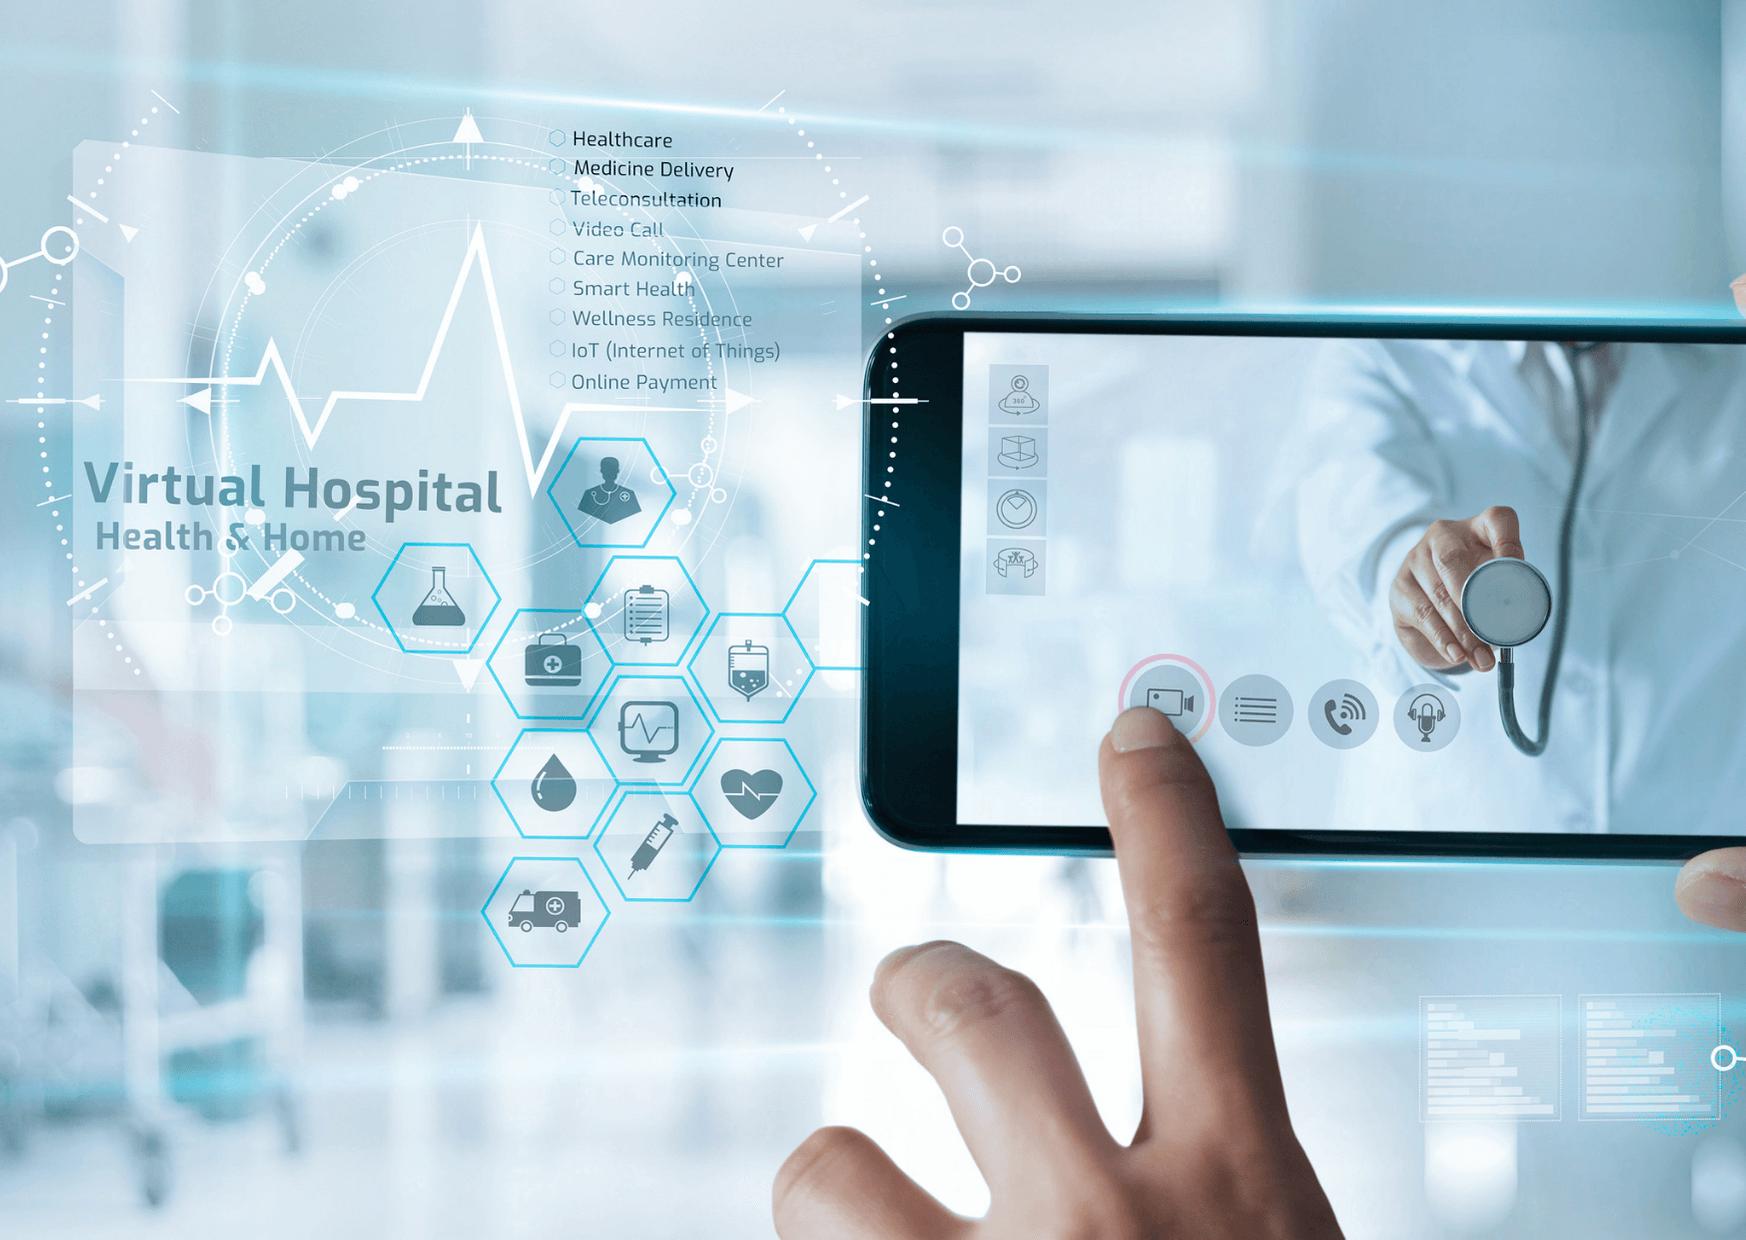 Medical Retina Diagnostics and Digital Health - Virtual